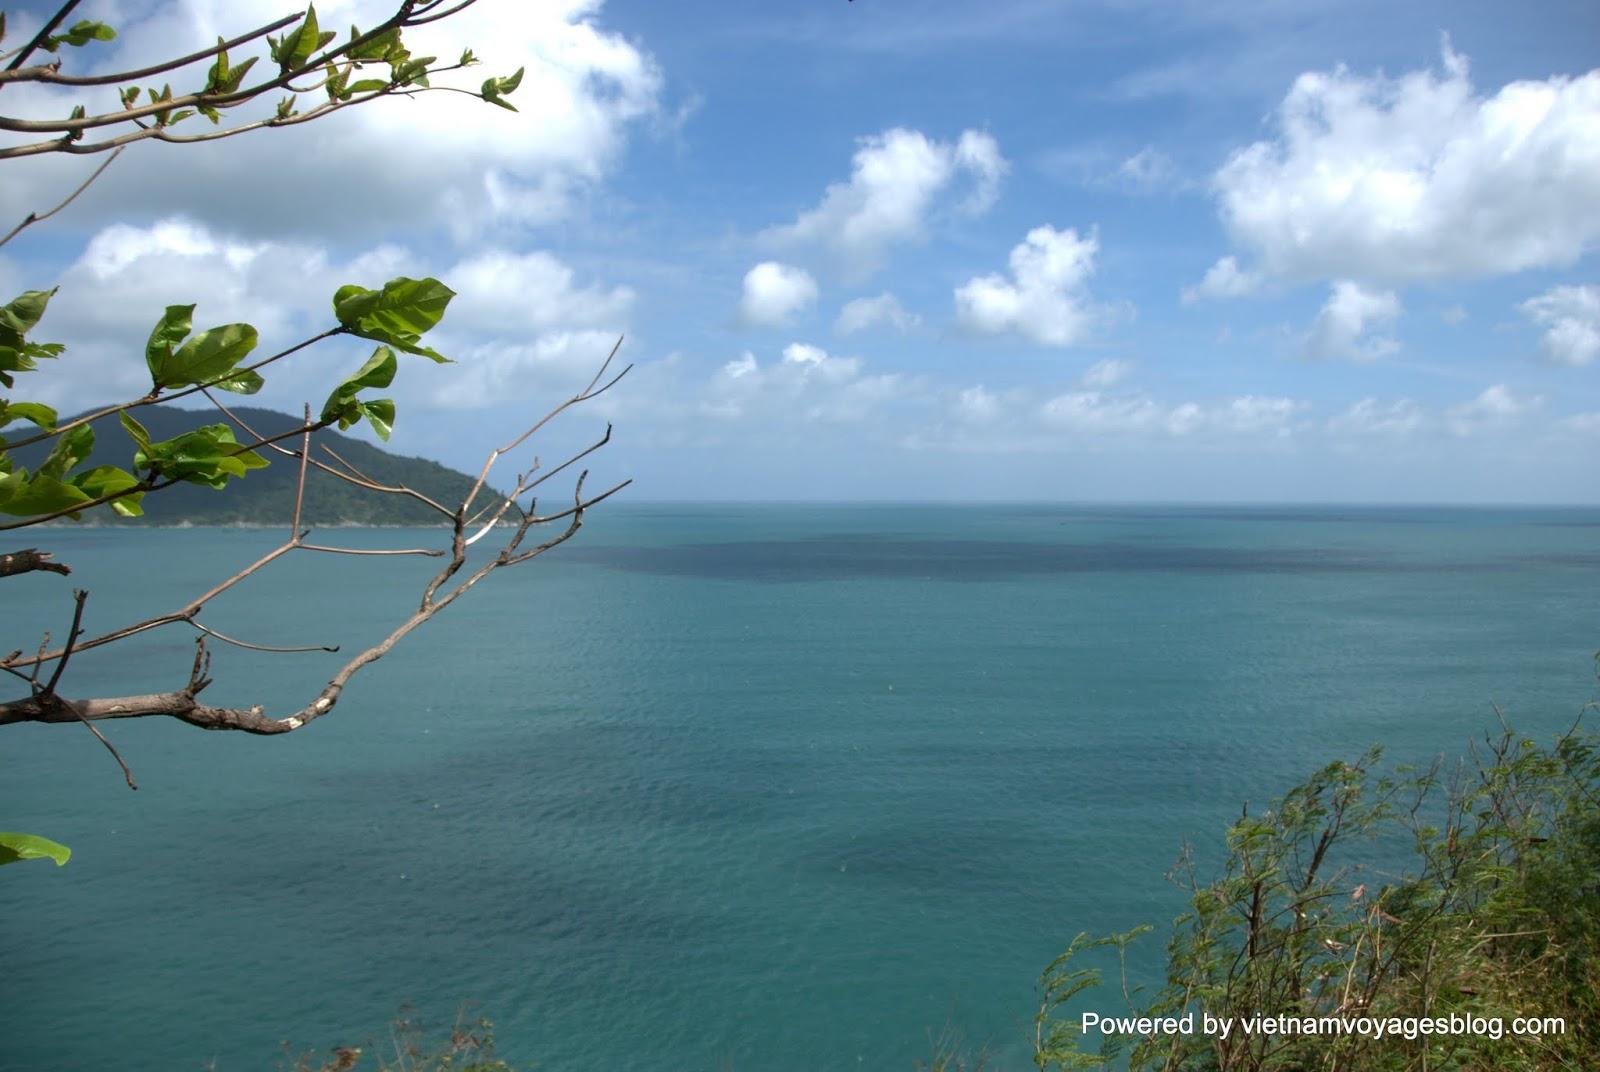 Lên Đèo Cả ngắm nhìn vịnh Vũng Rô